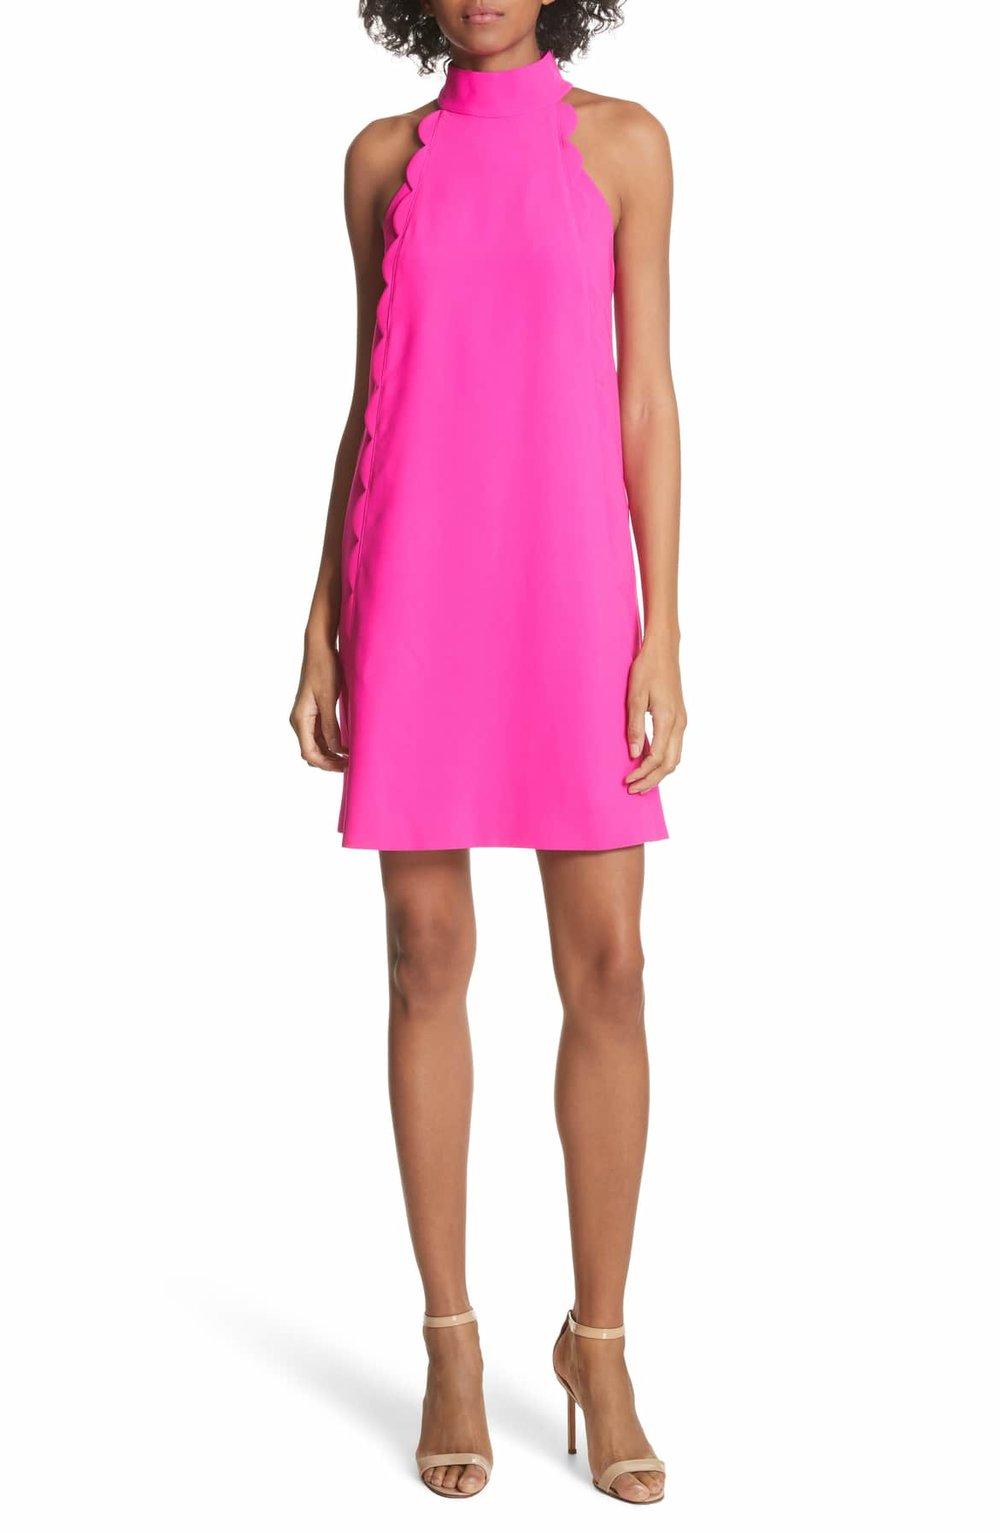 TED BAKER LONDON Torrii High Neck Tunic Dress - $279.00